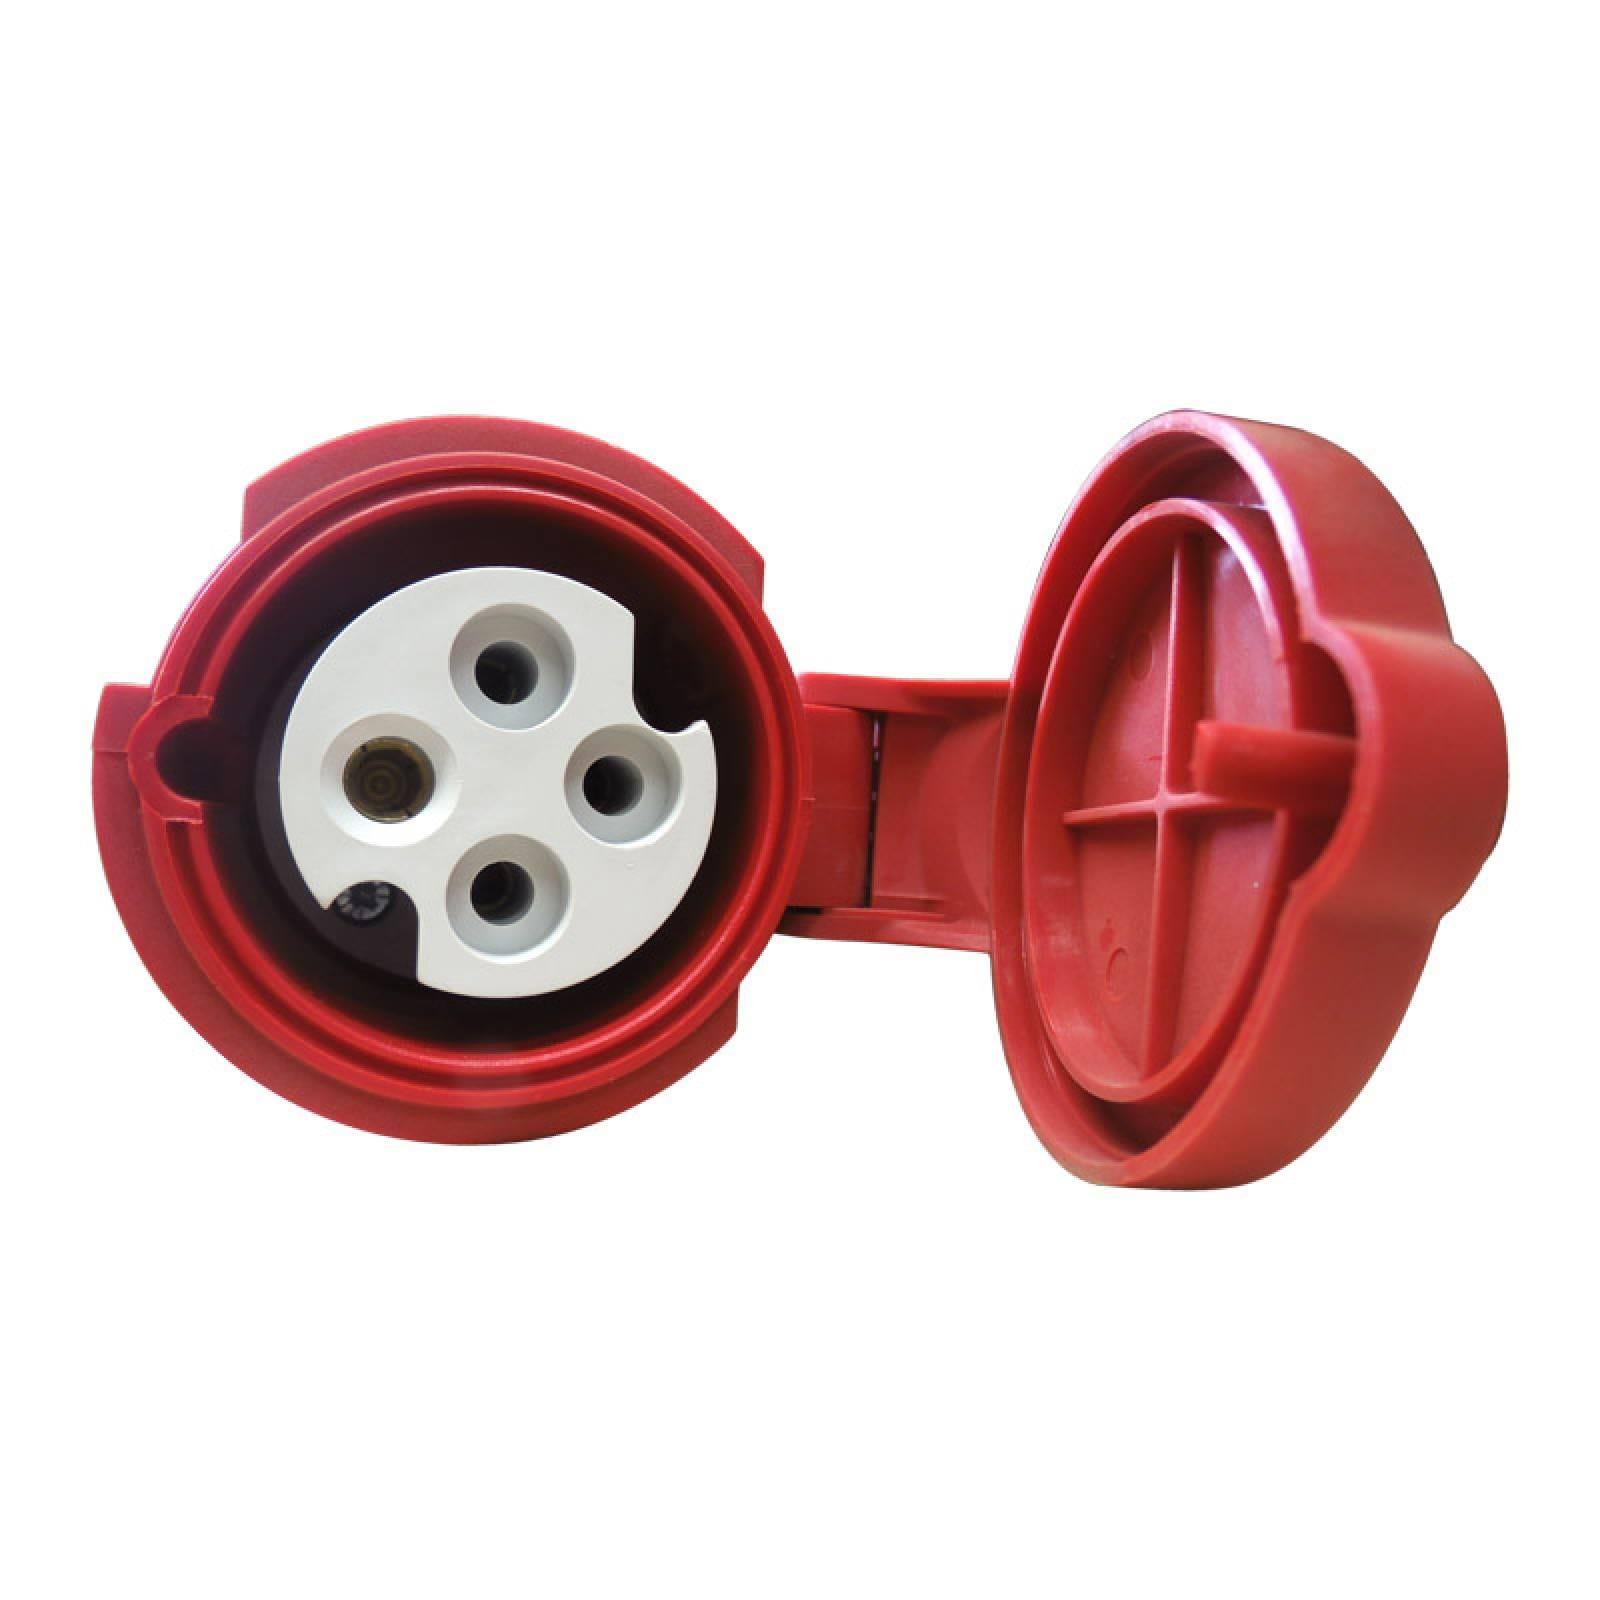 Control Manual Con 2 Cables Para Polipasto de Espectaculos Mode Hoist